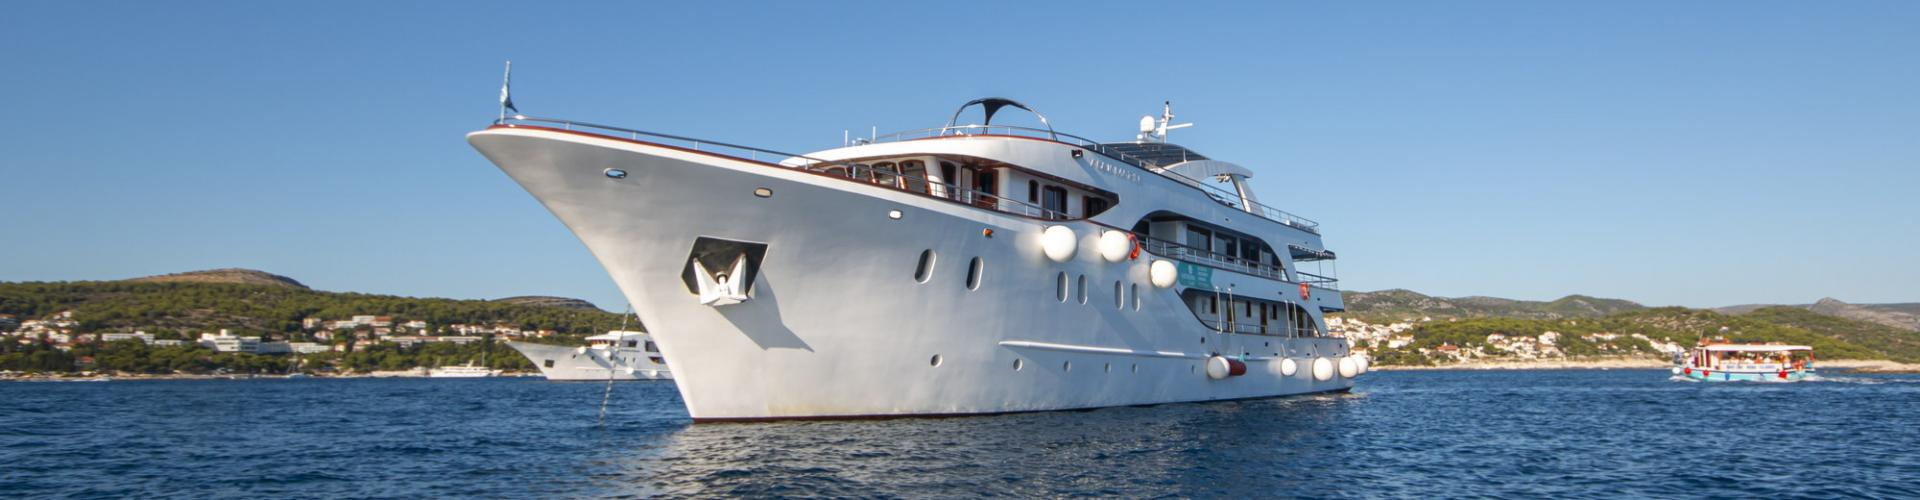 2017. Deluxe nave da crociera MV Aquamarin